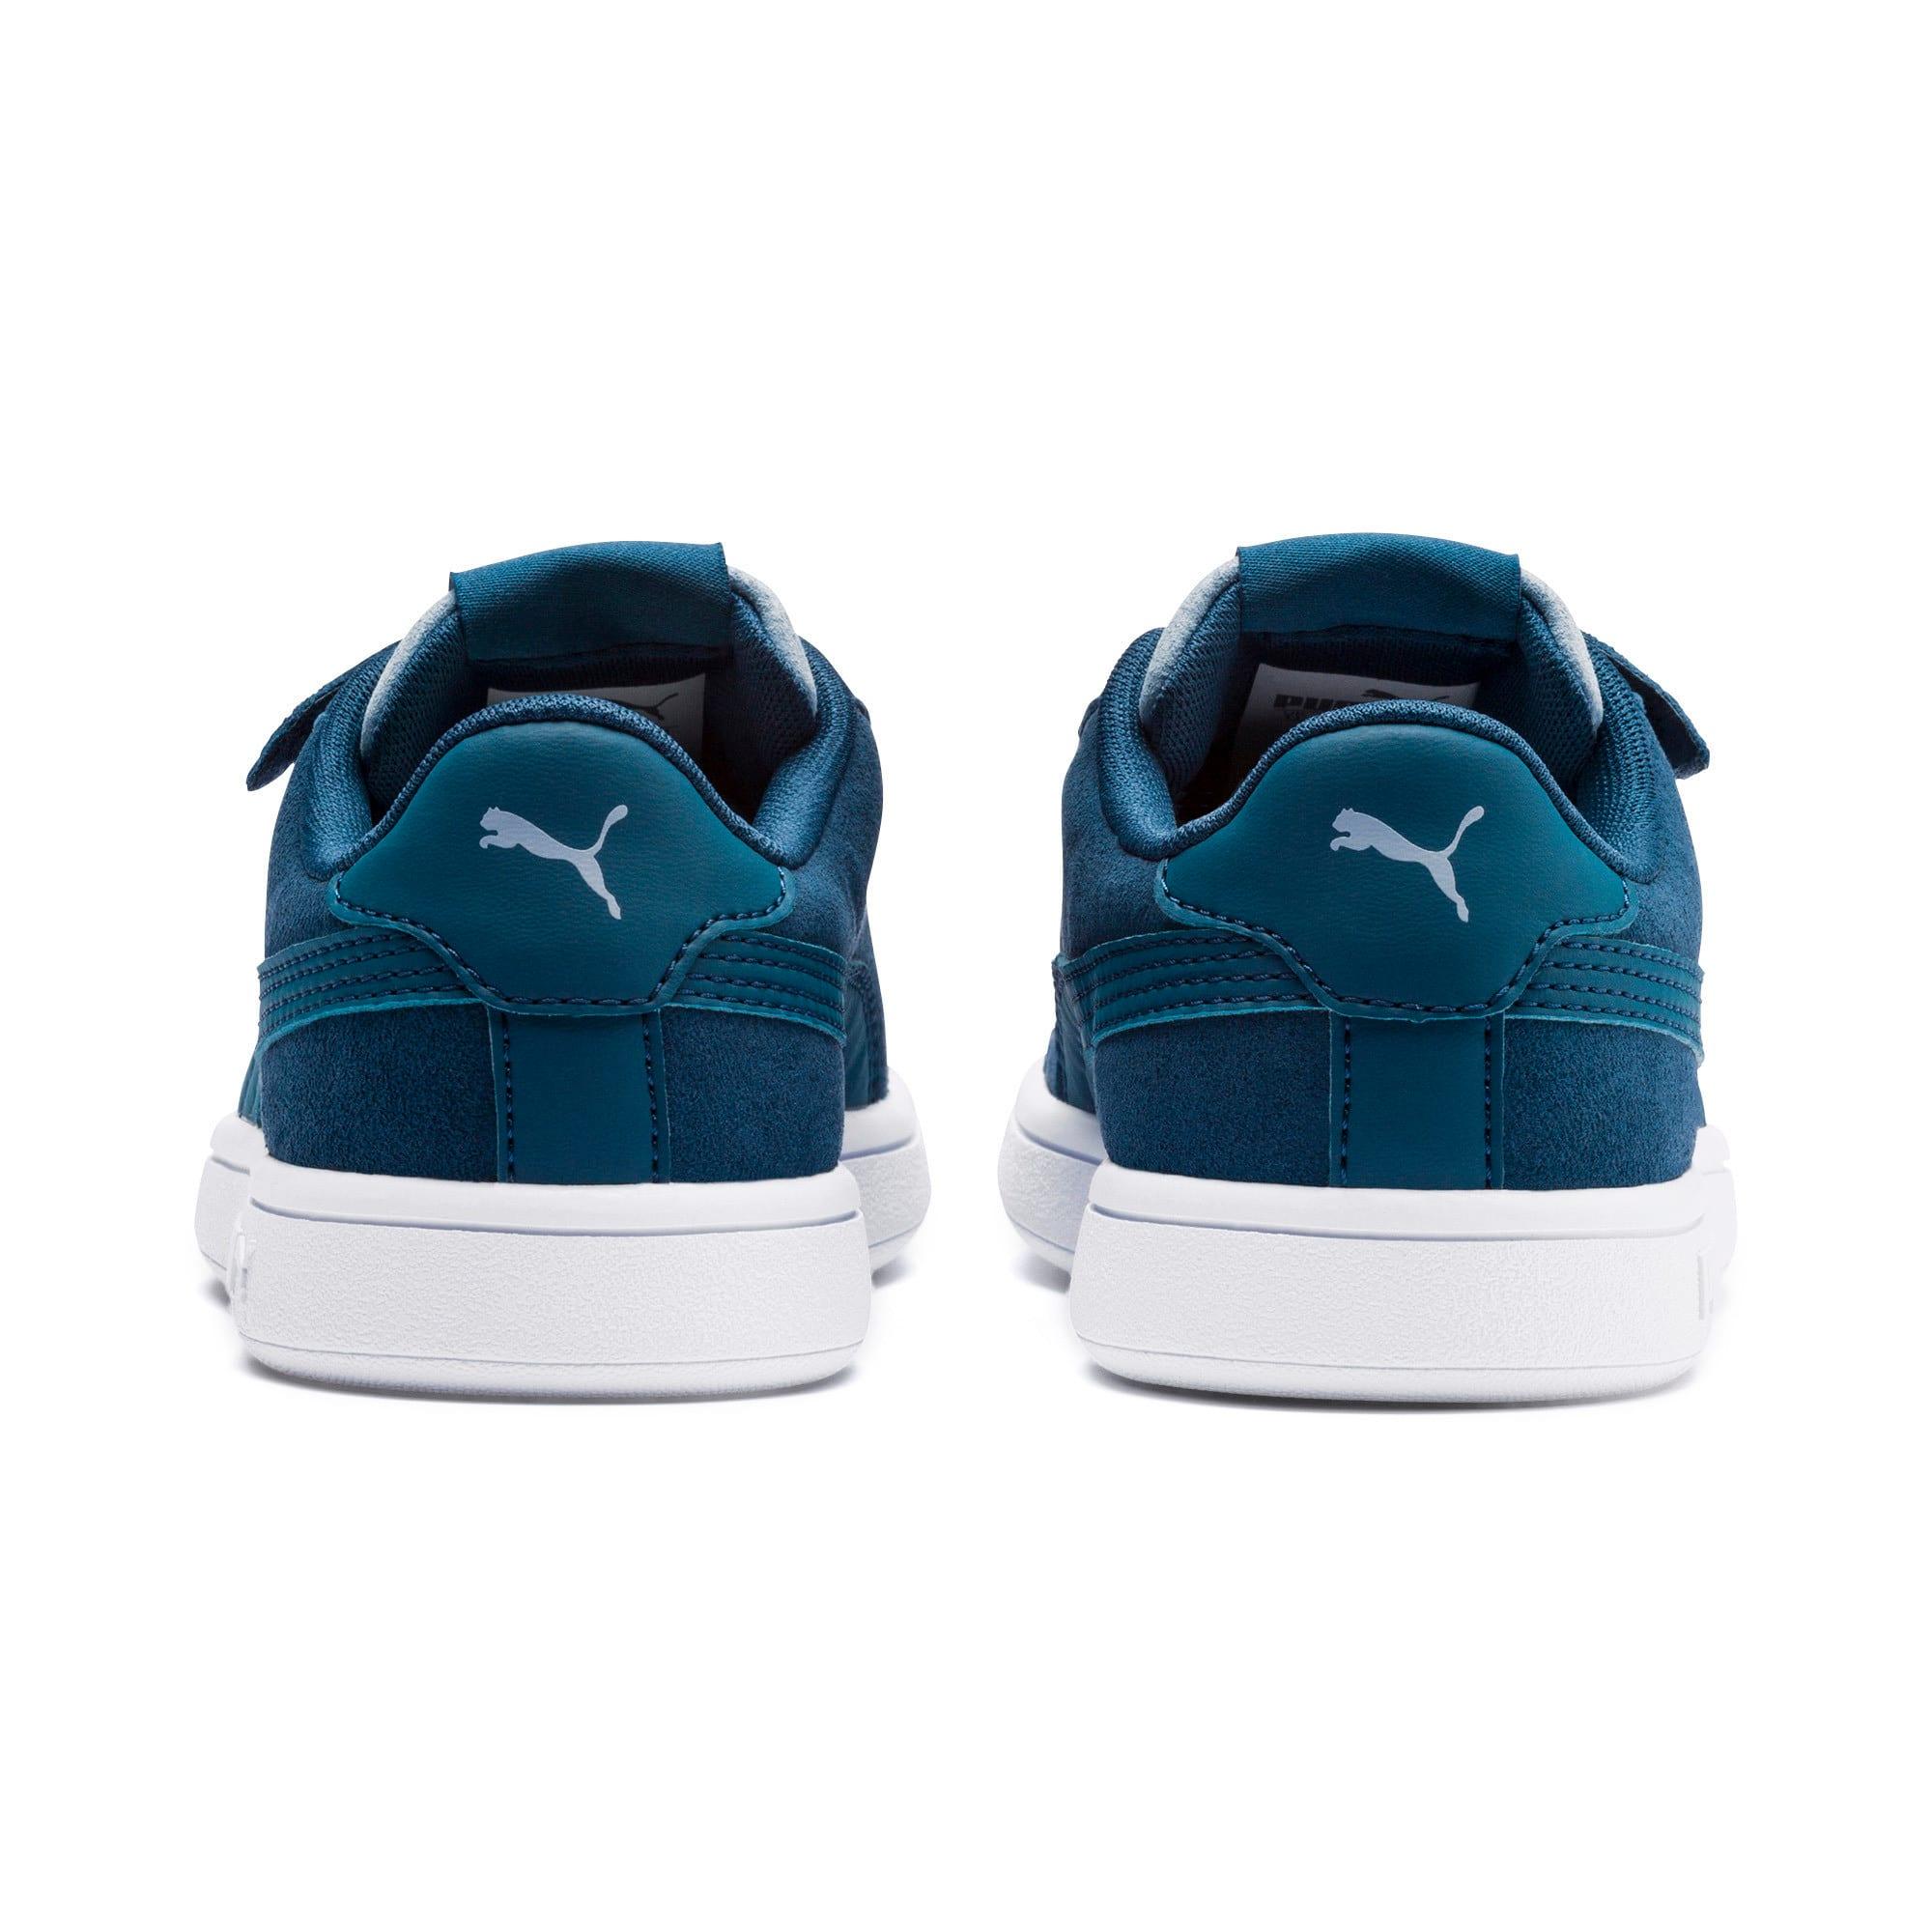 Thumbnail 3 of PUMA Smash v2 Monster Little Kids' Shoes, Gibraltar Sea-Faded Denim, medium